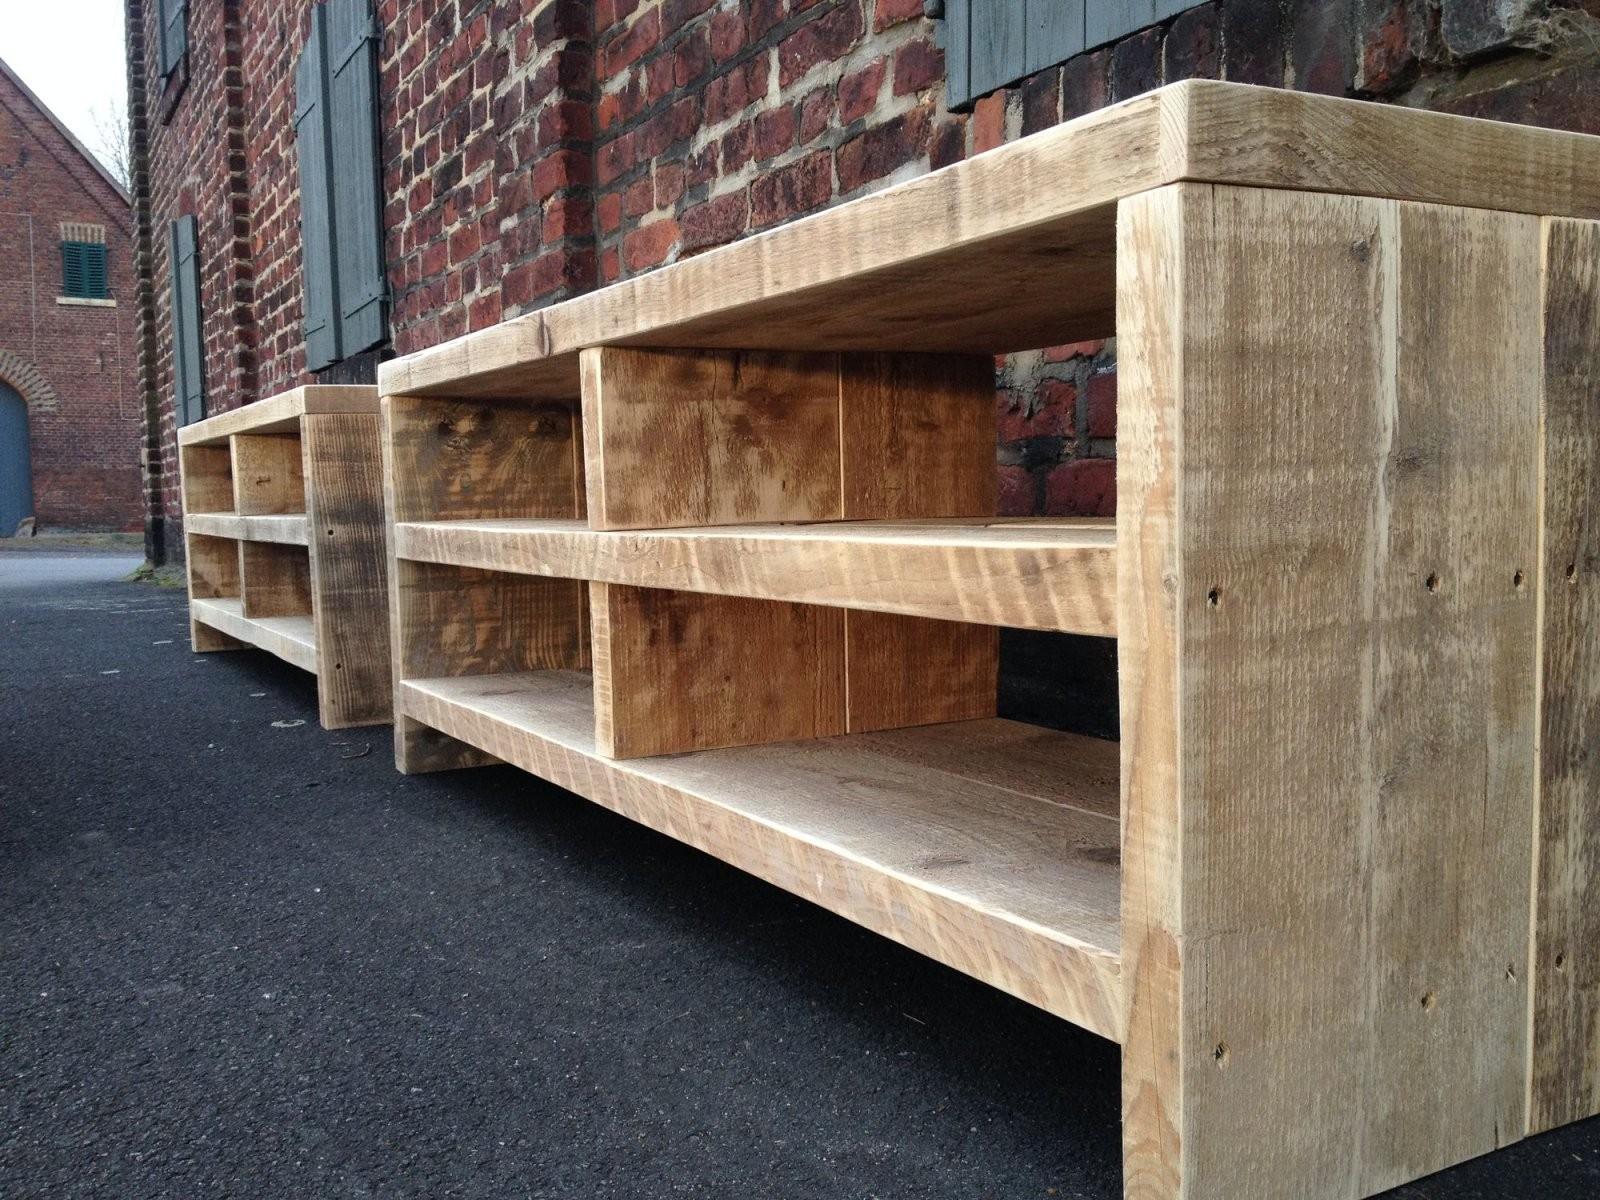 Genial Hifi Möbel Massivholz  Wnętrza  Medienmöbel Möbel Und Hifi von Bauholz Möbel Selber Machen Bild